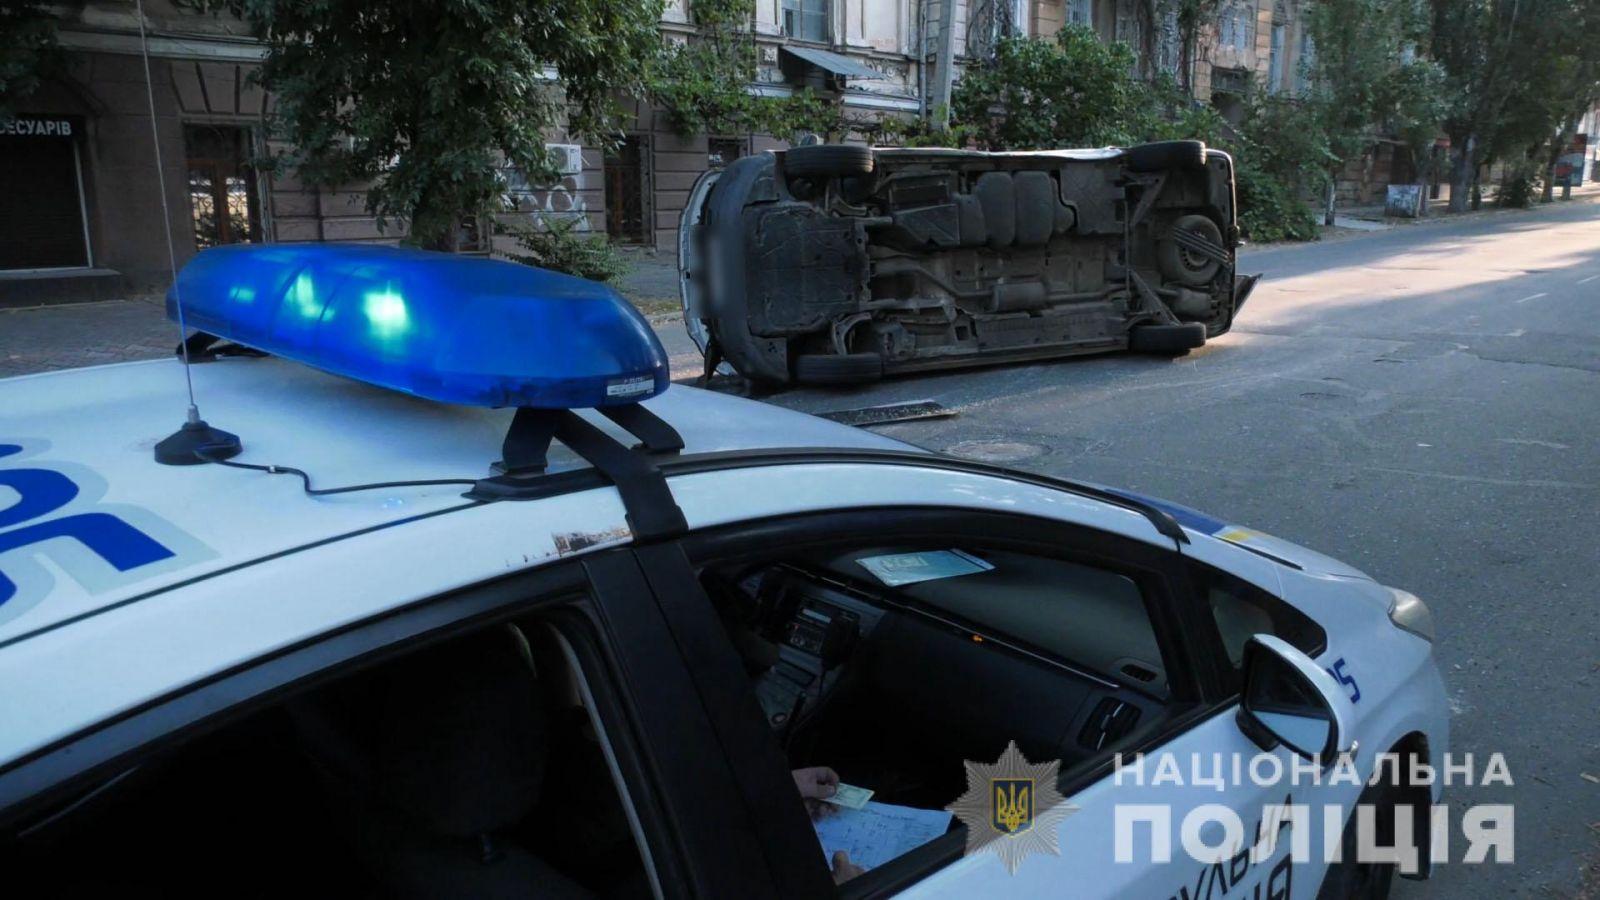 В Херсоне перевернулся микроавтобус с бюллетенями